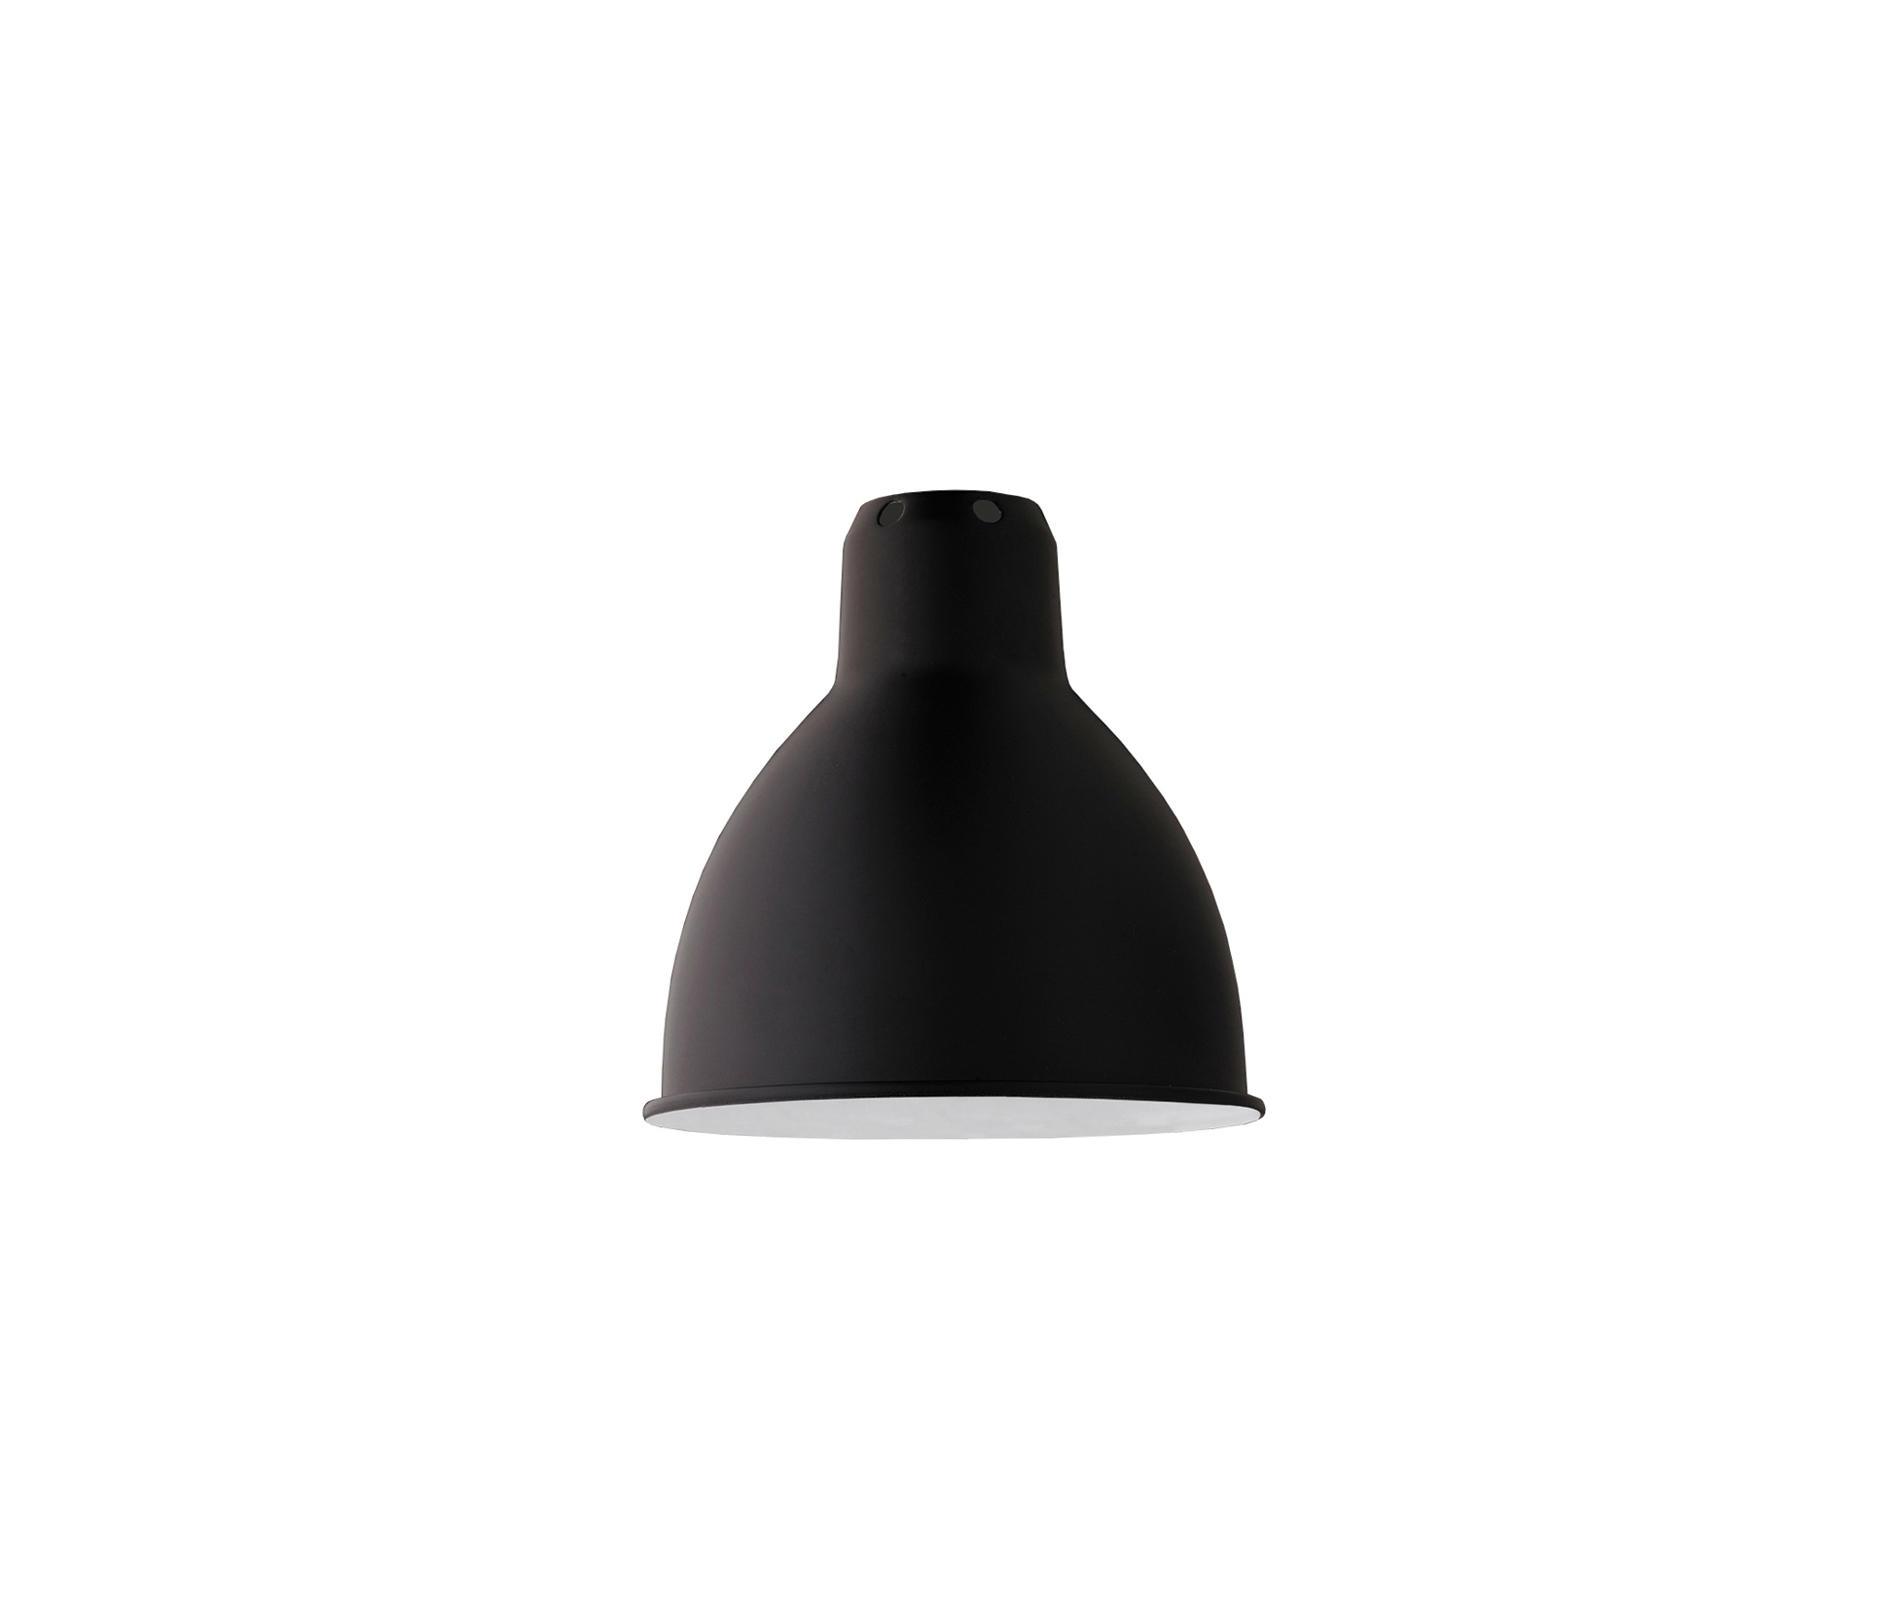 lampe-gras-shades-bl-12-round-12-12-b Spannende Lampen Frankfurt Am Main Dekorationen